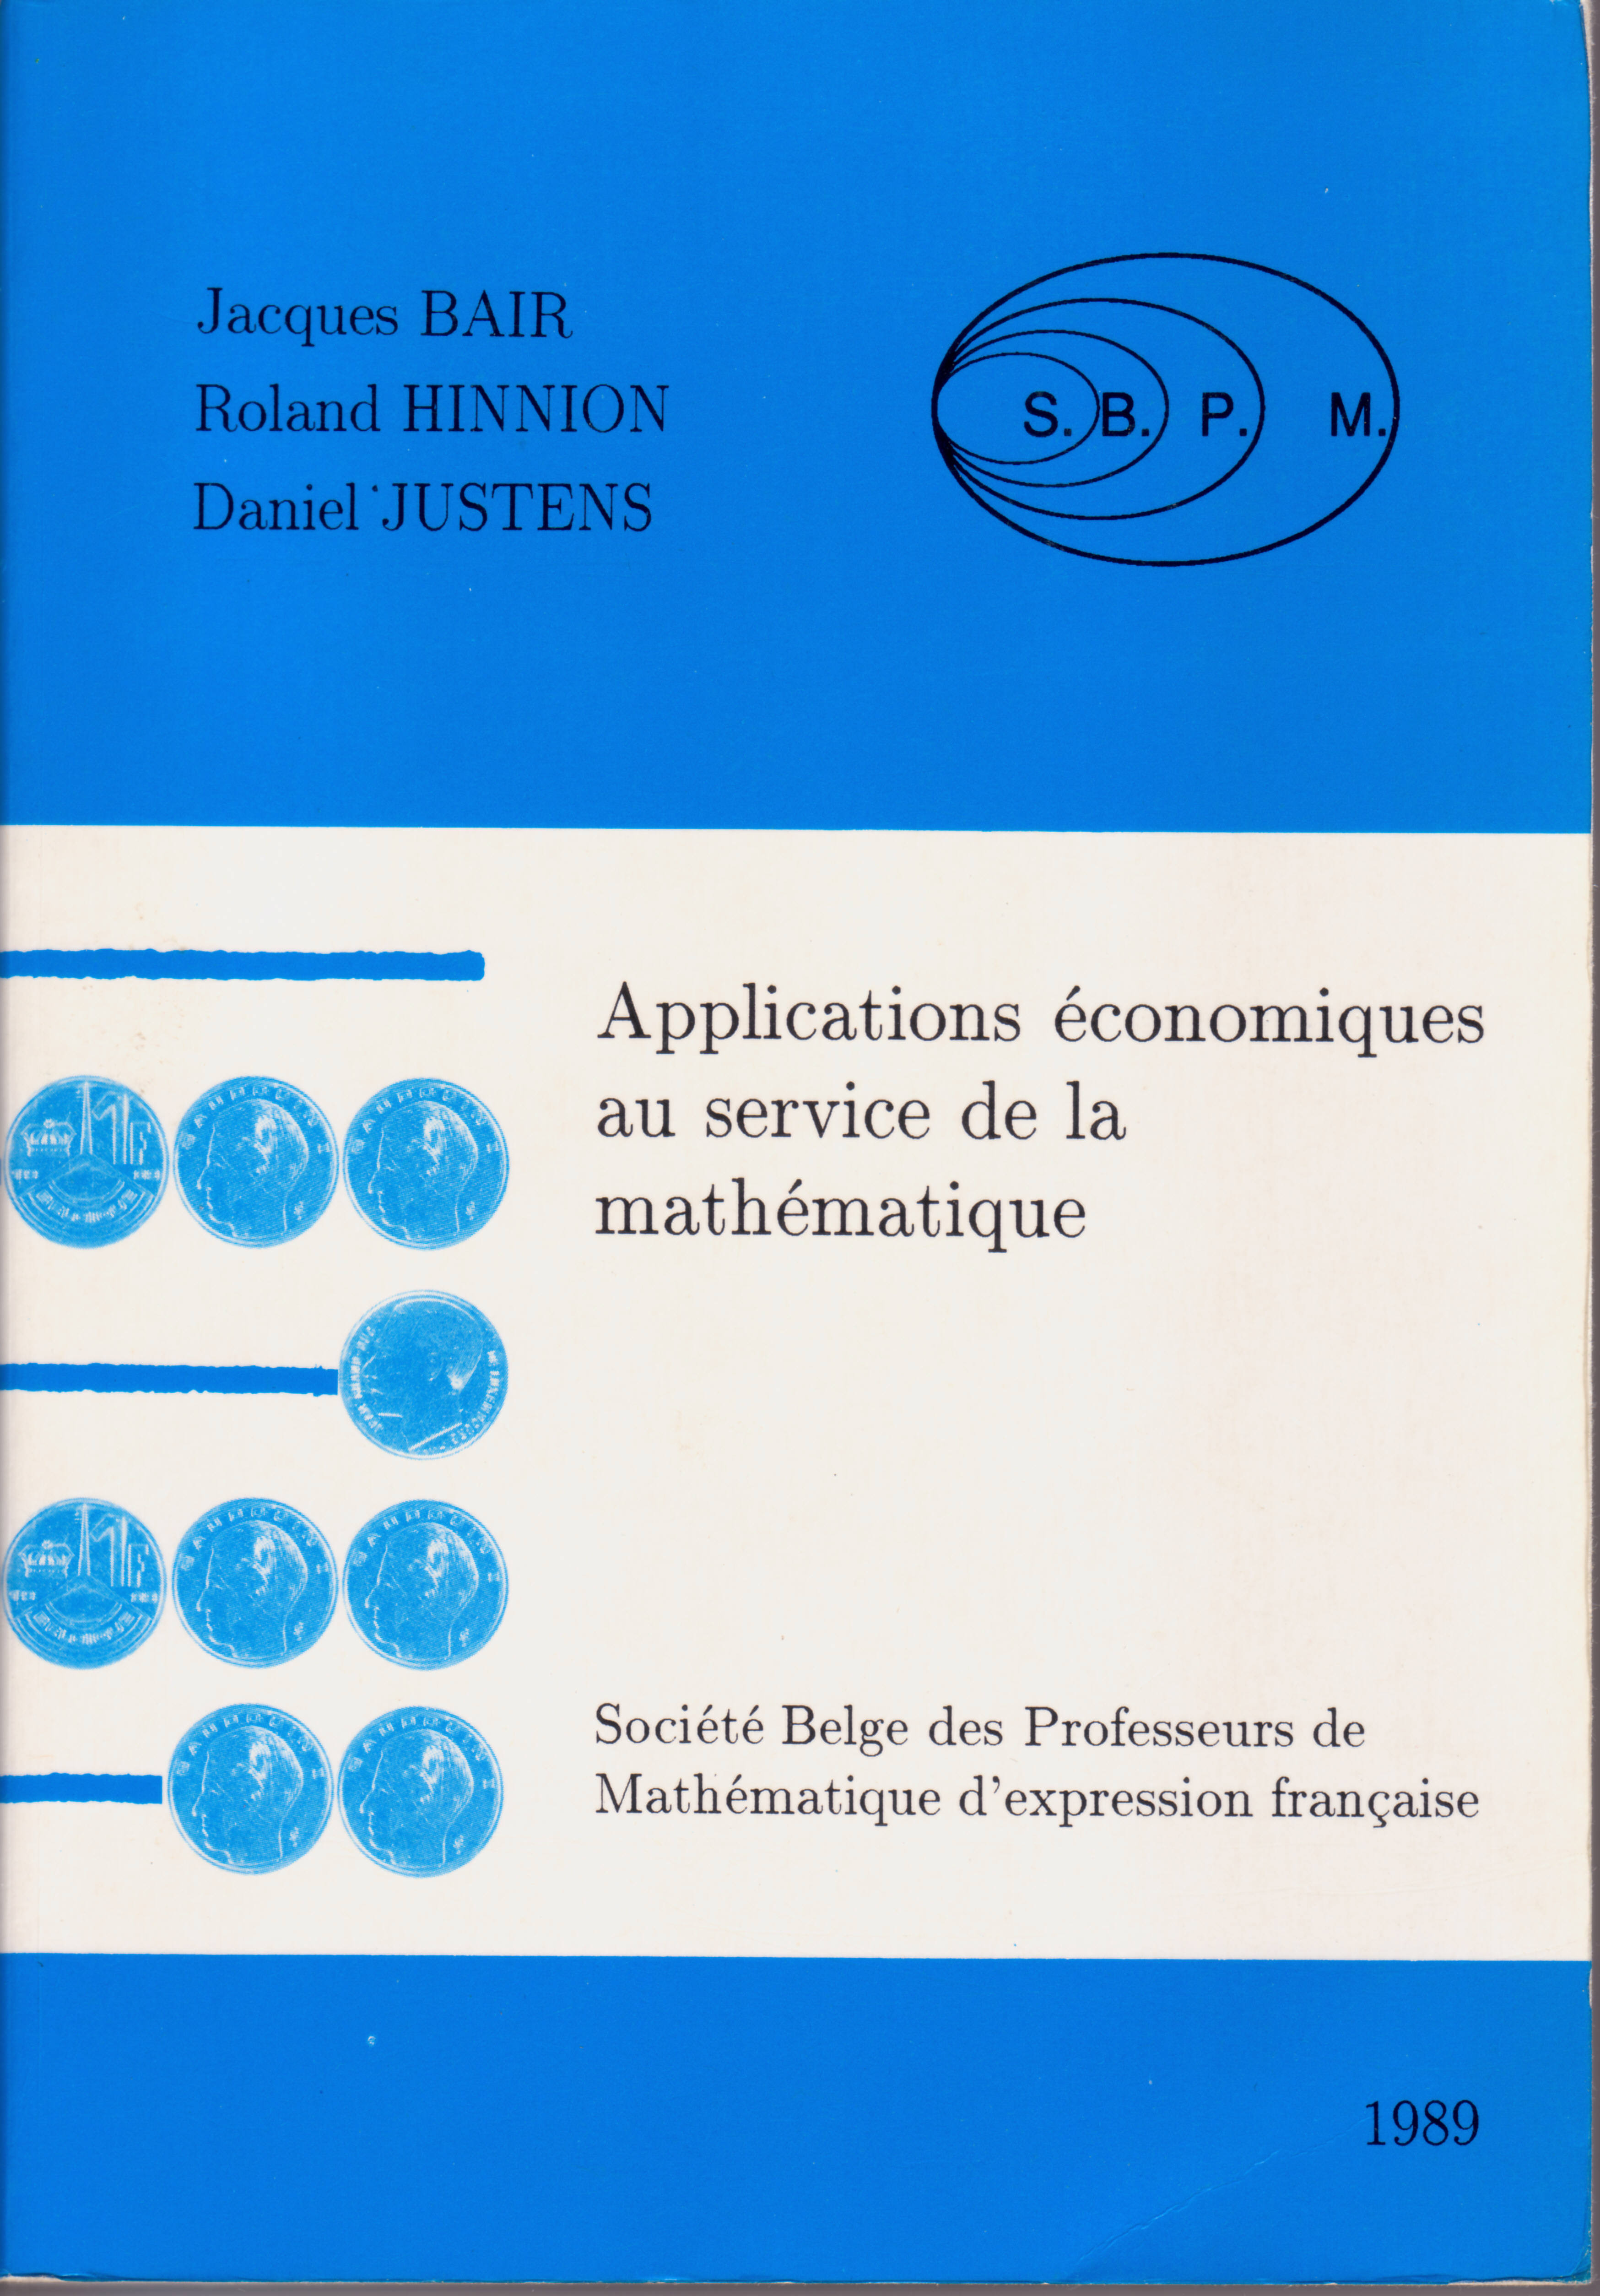 Applications économiques